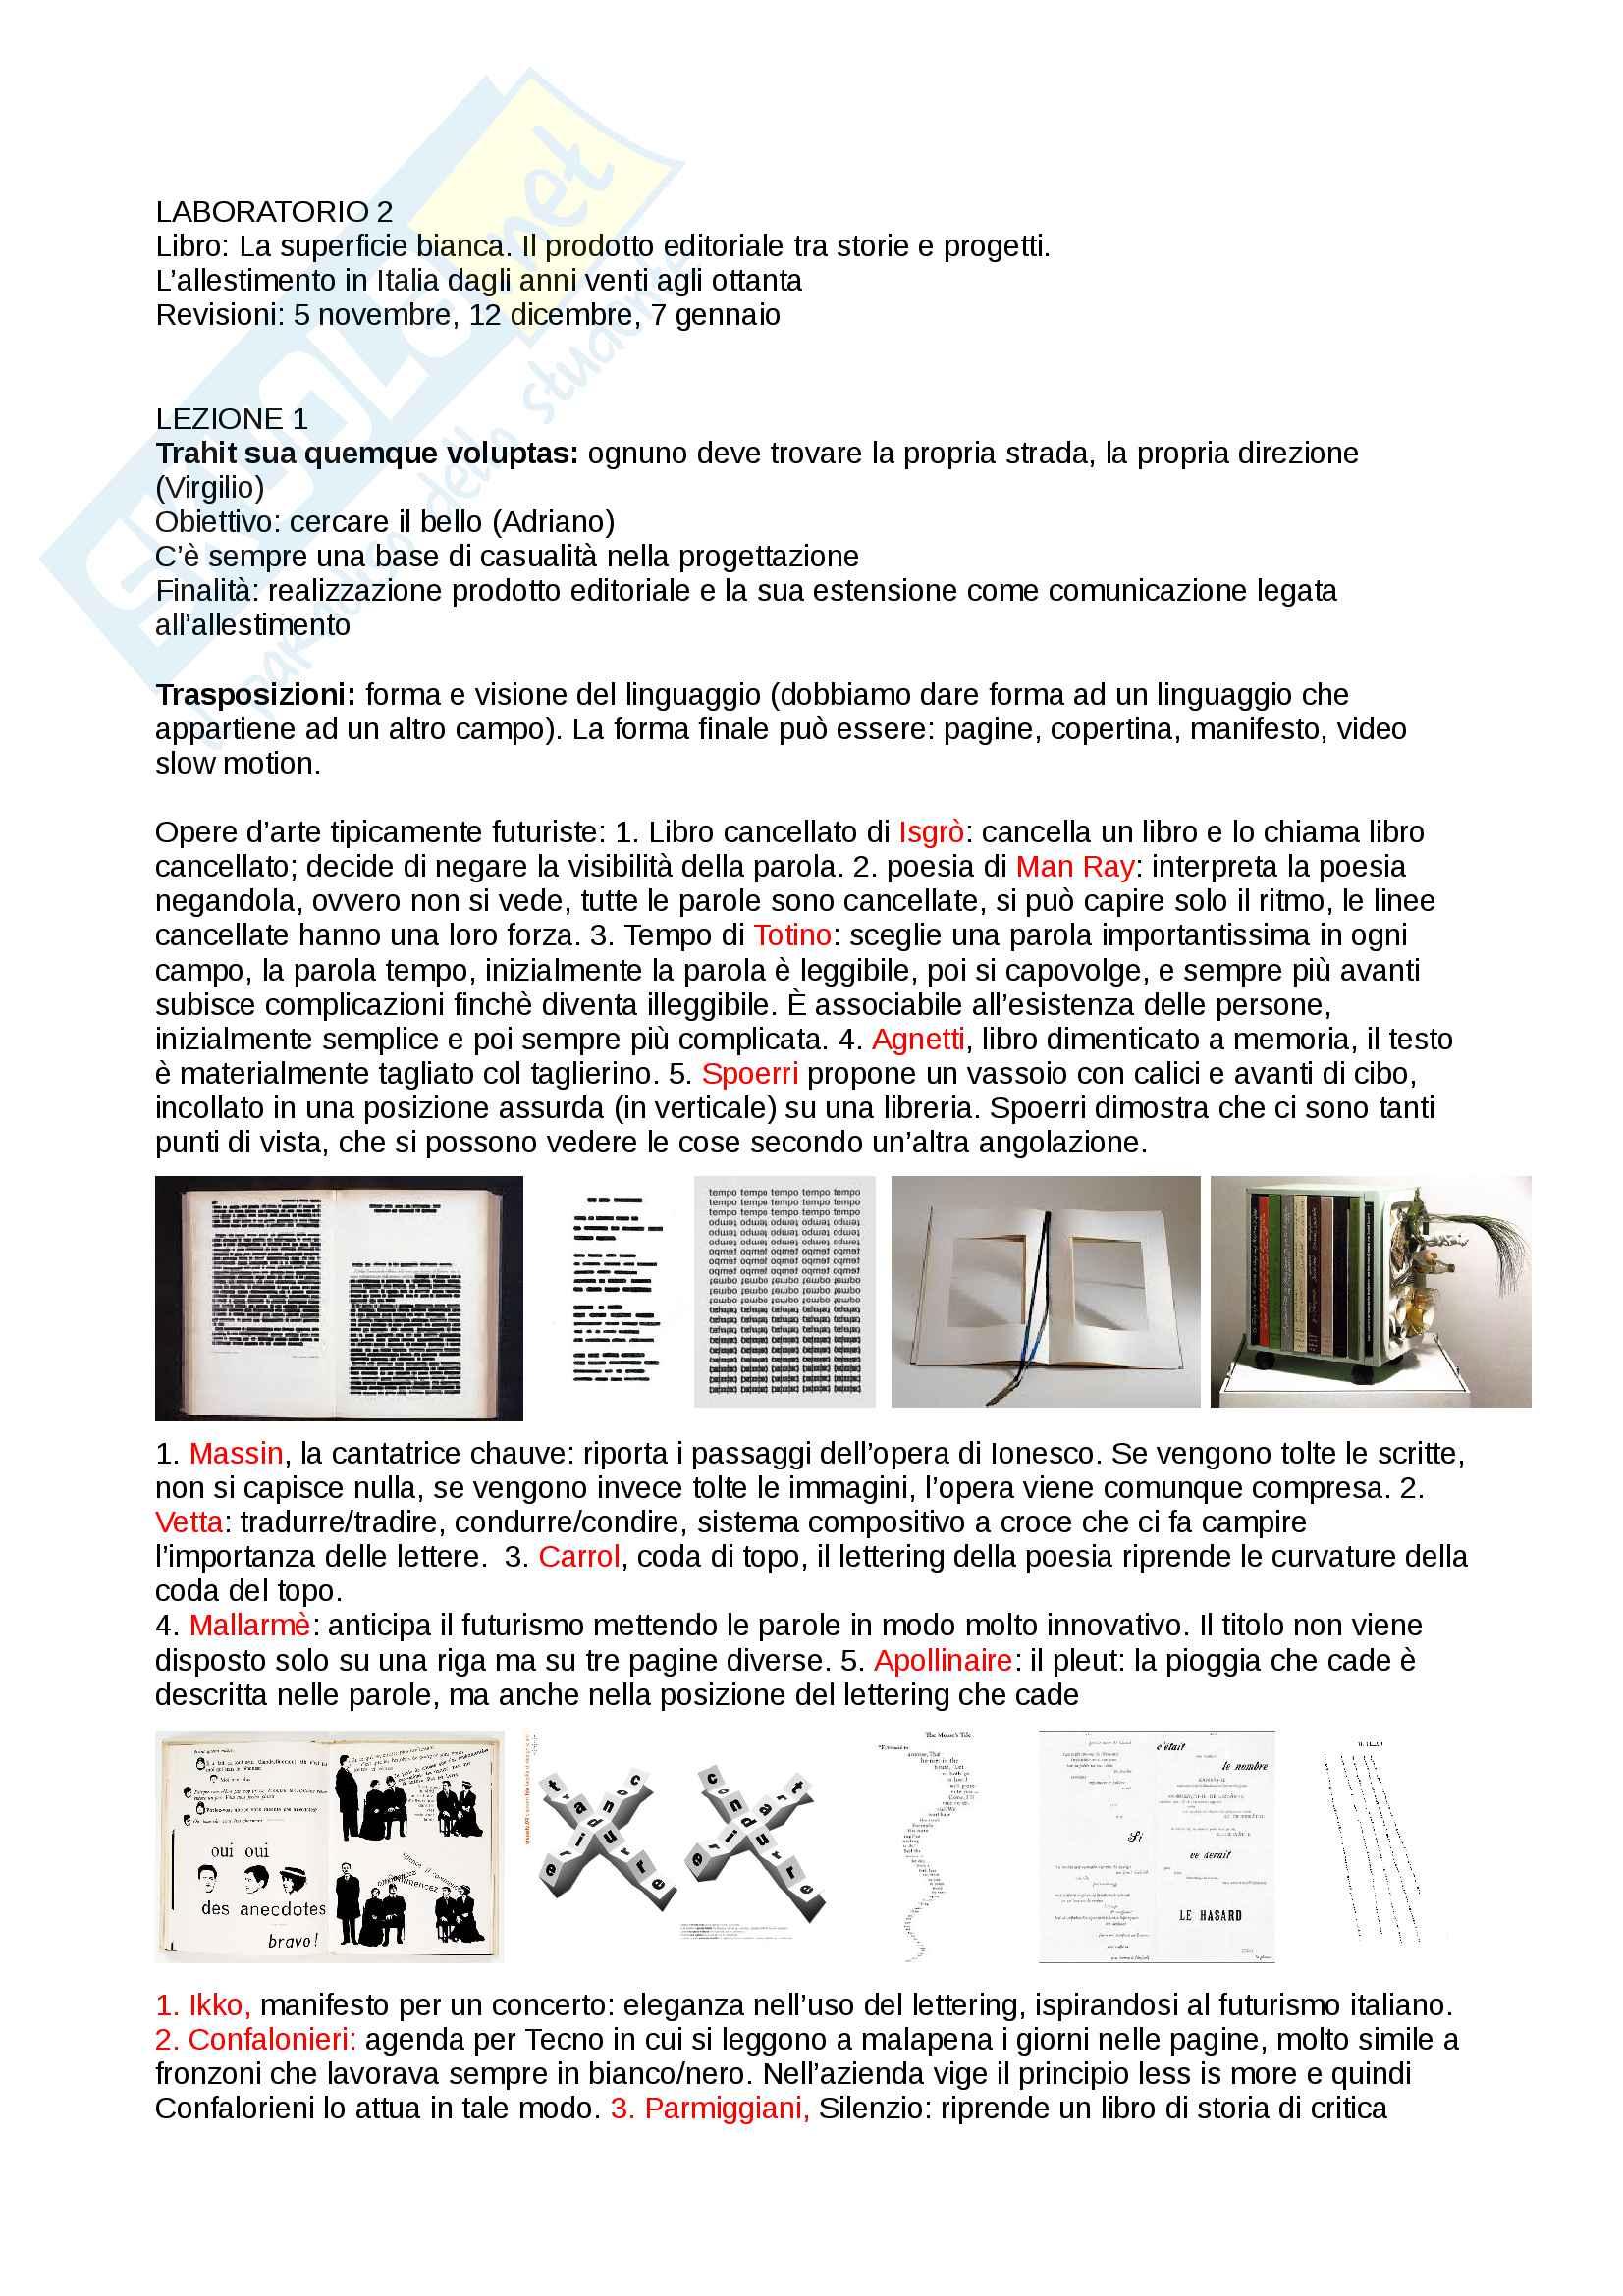 Appunti di laboratorio progettuale grafico-pubblicitario